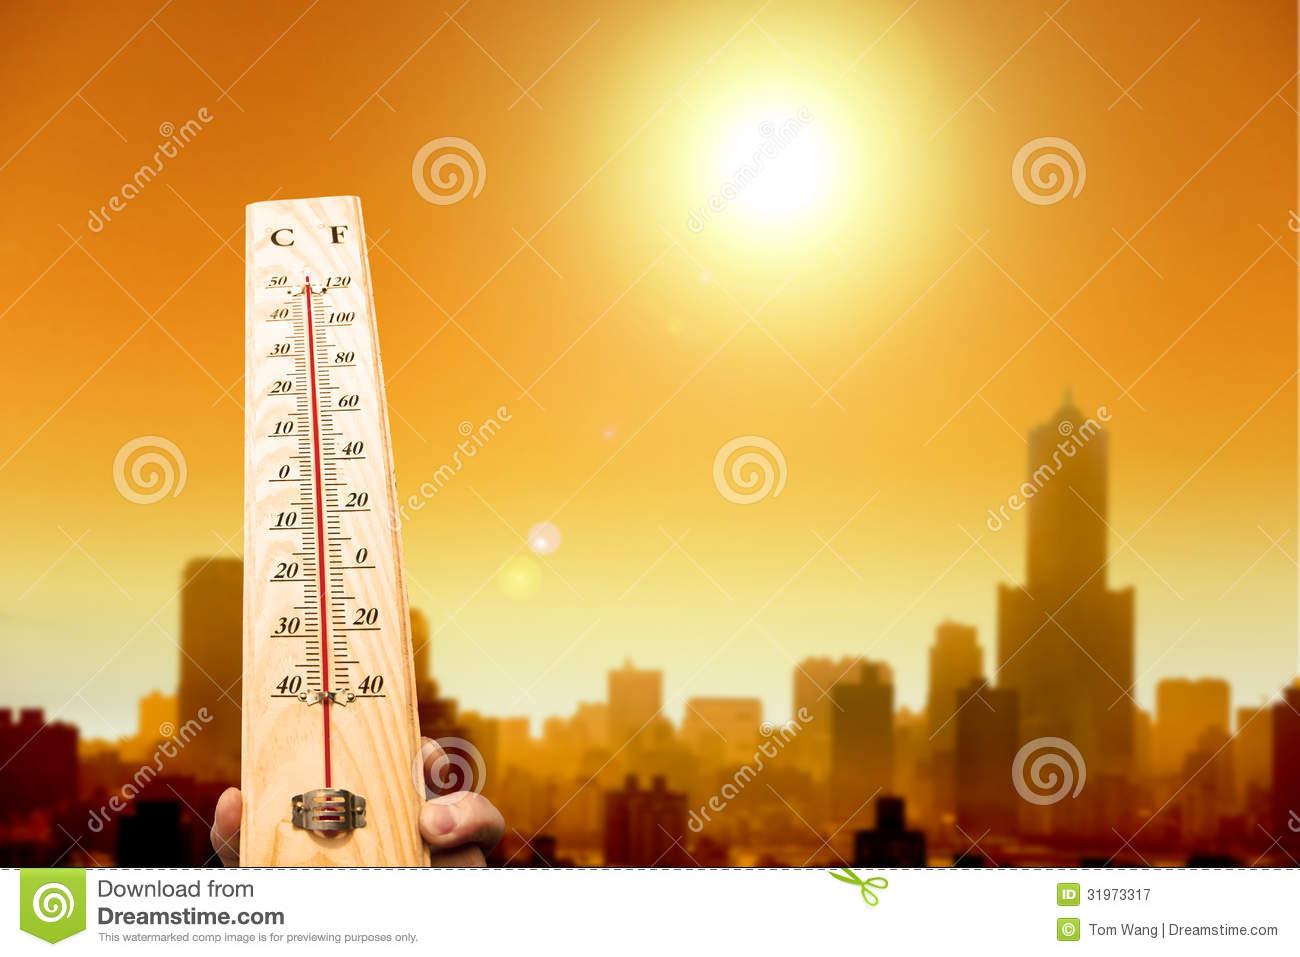 It's finally under 100 degrees in Phoenix WOOHOO!!!!